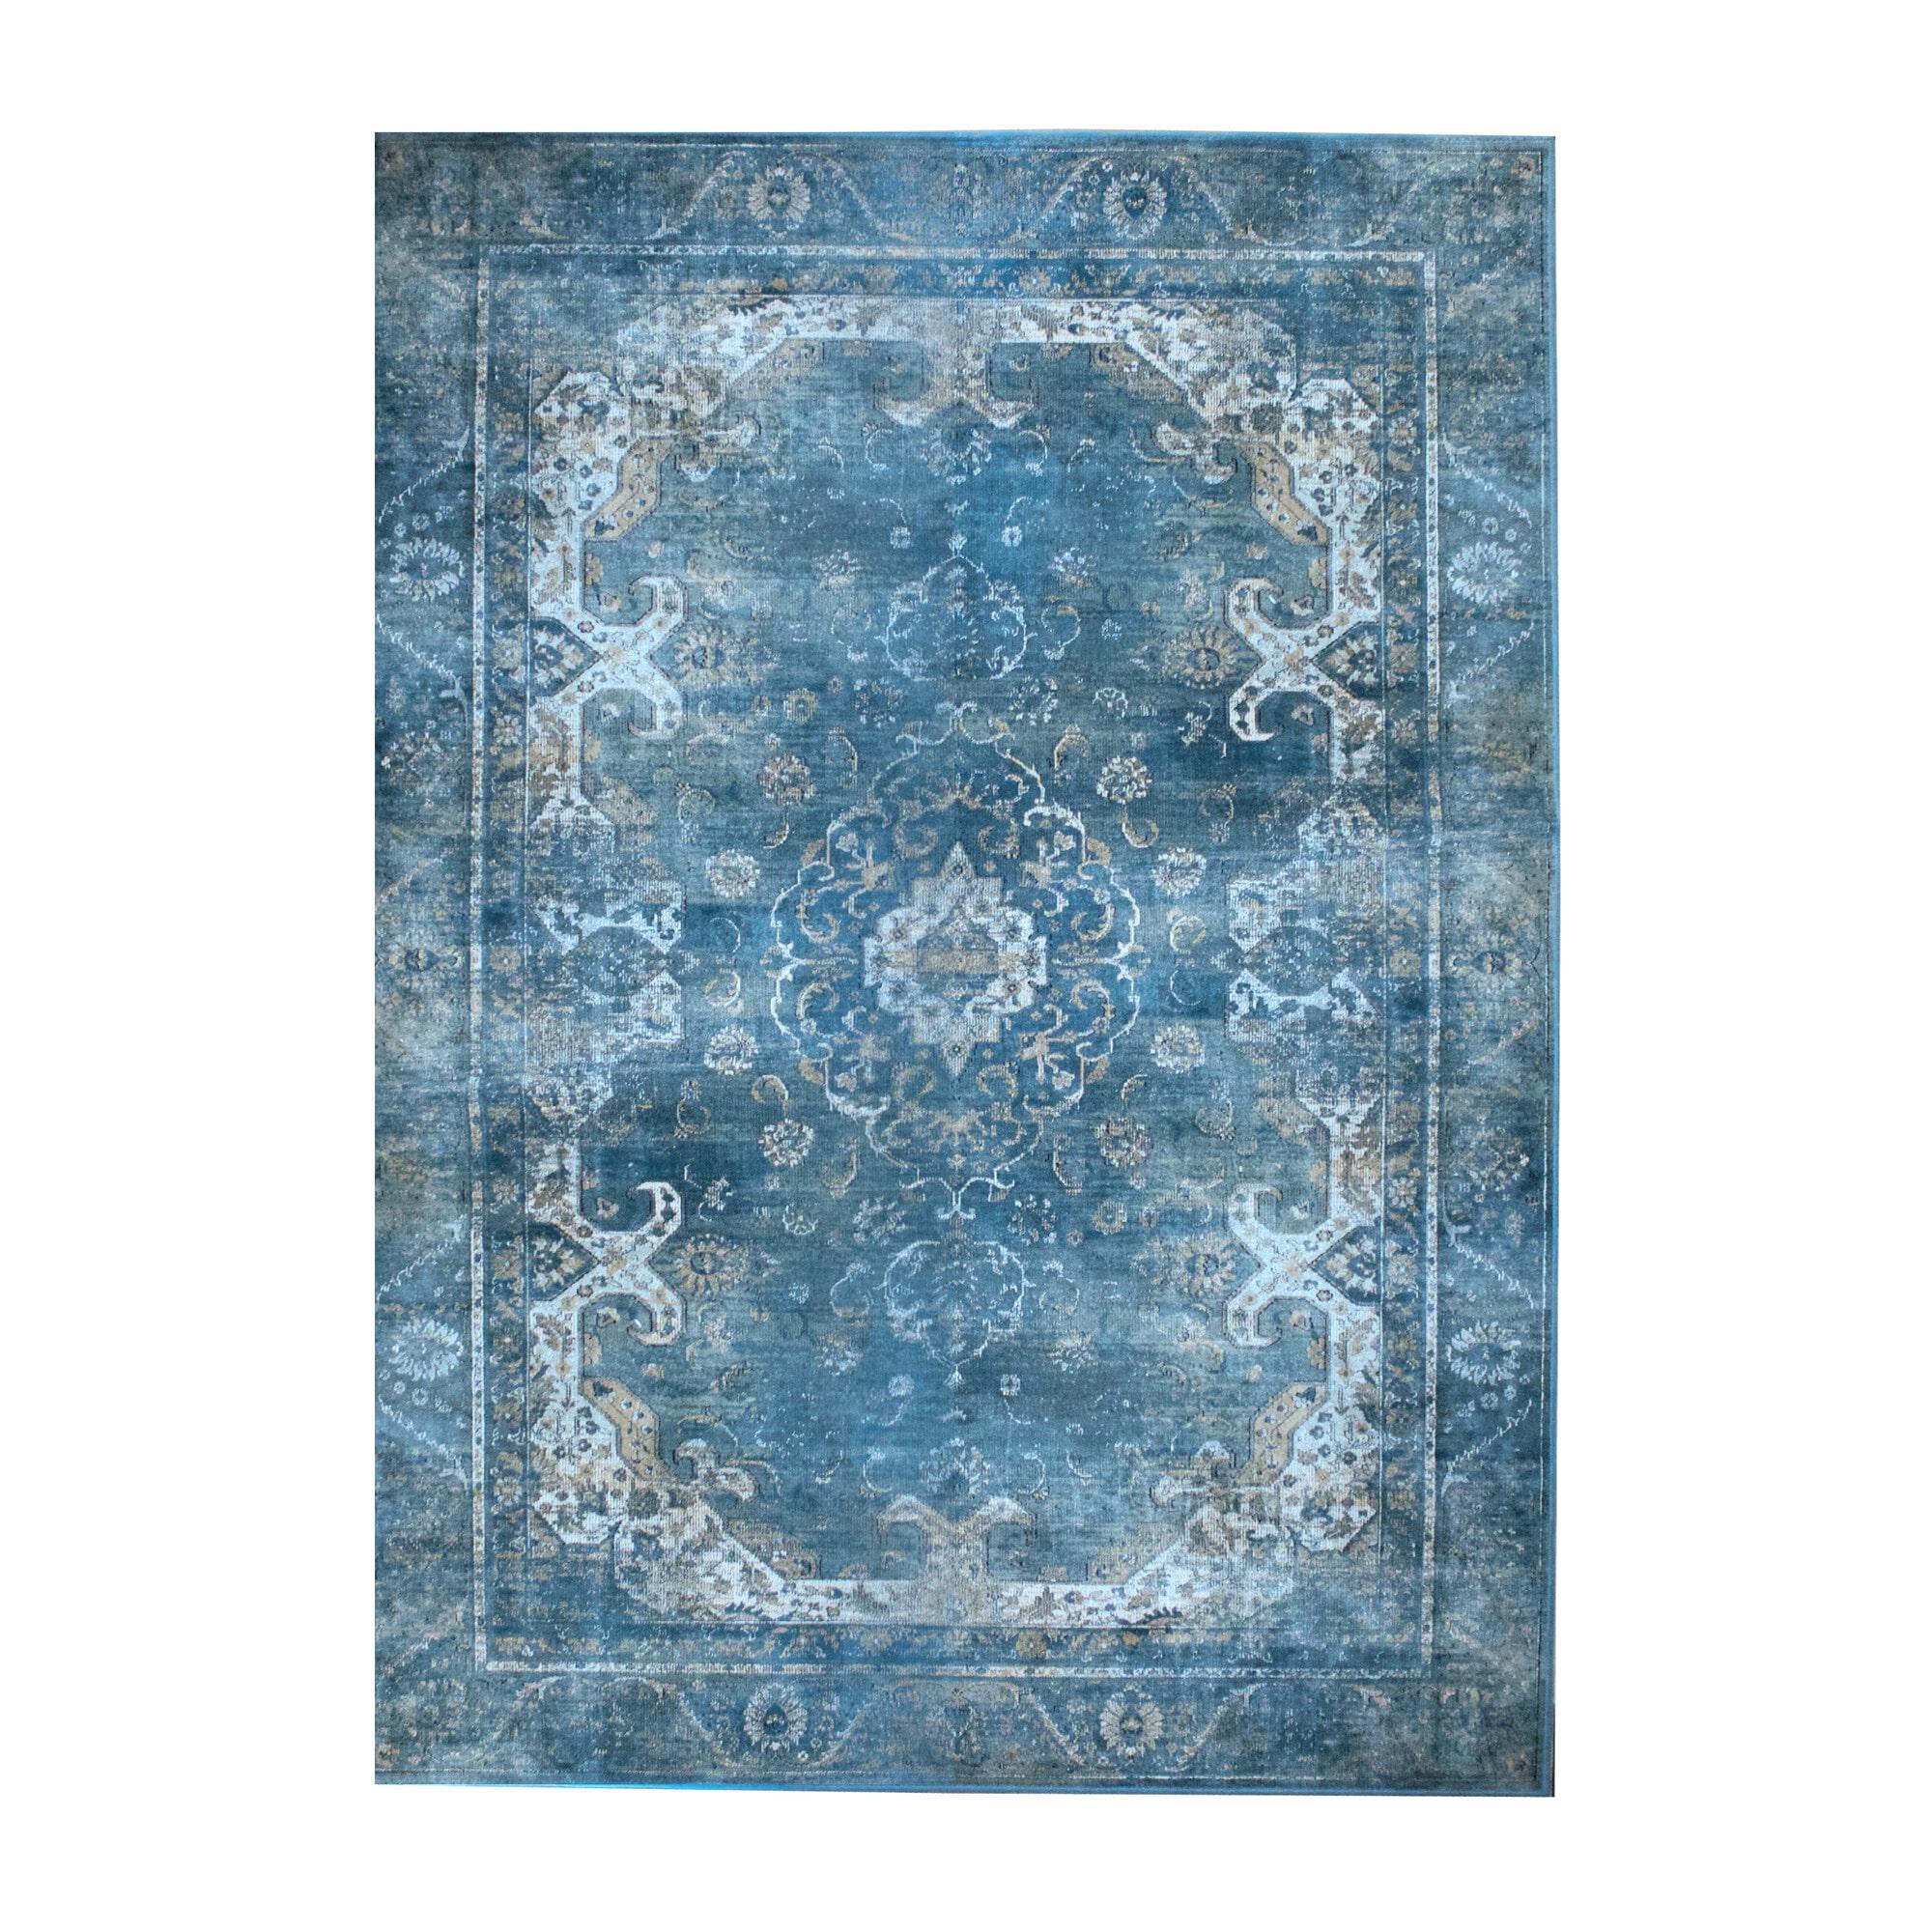 By-Boo Vloerkleed 'Liv' 200 x 290cm, kleur Turquoise Woonaccessoires | Vloerkleden